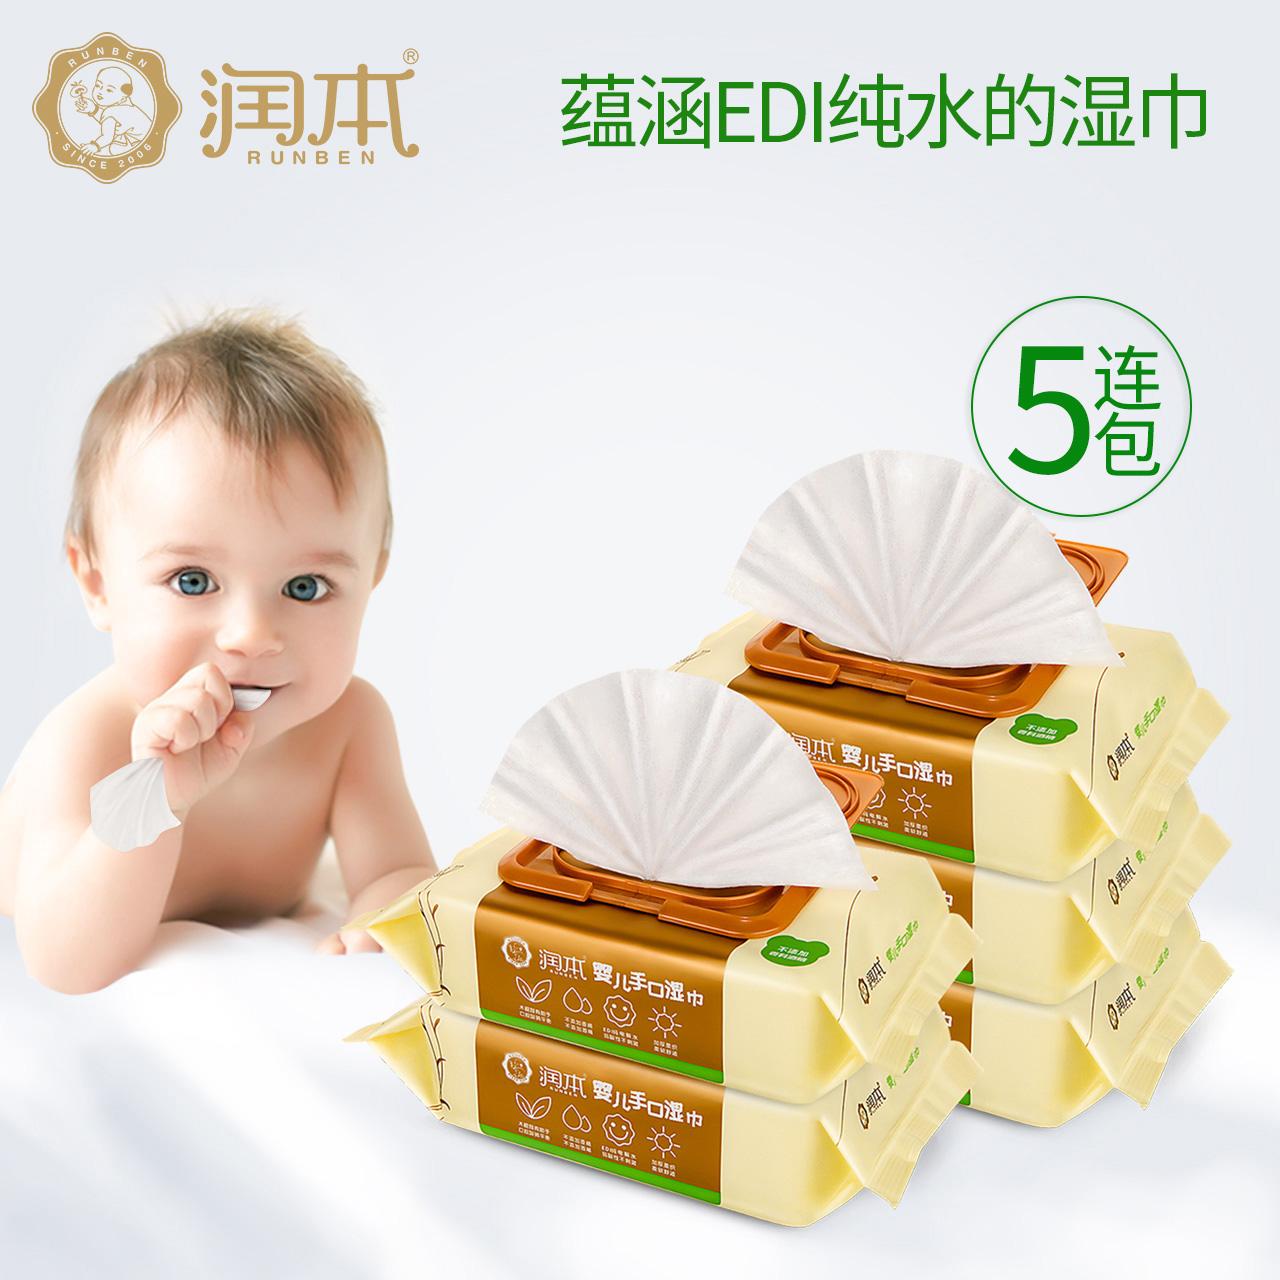 润本婴儿湿巾新生儿宝宝屁湿纸巾幼儿手口专用80抽5包100批发带盖